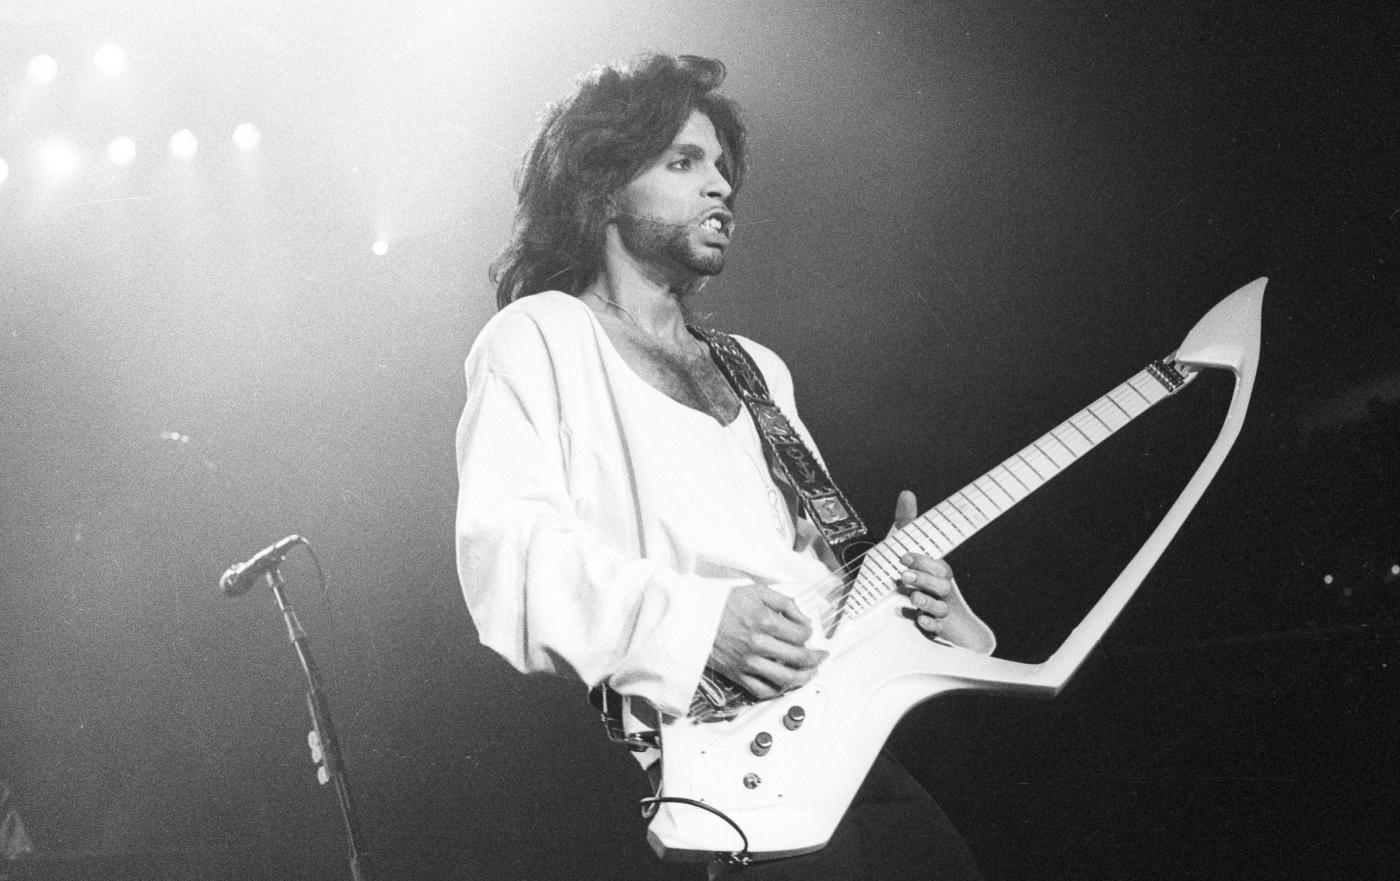 Morto il cantante Prince a Minneapolis